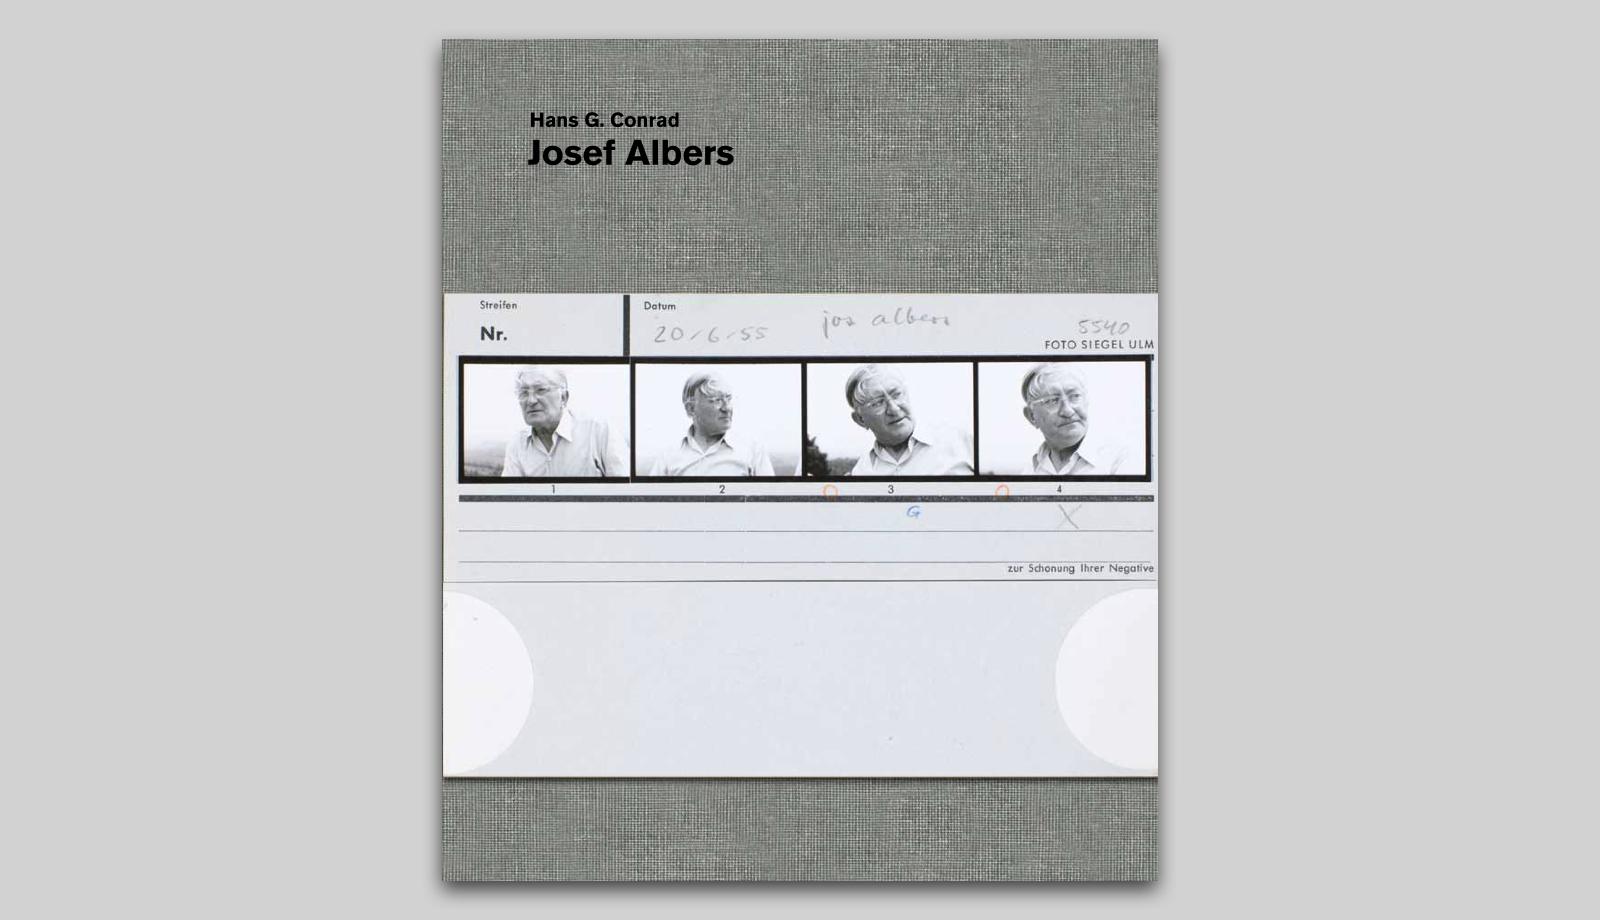 200501_Designgeschichte_ReneSpitz_JosefAlbersInteractions_GrundkursHfGUlm